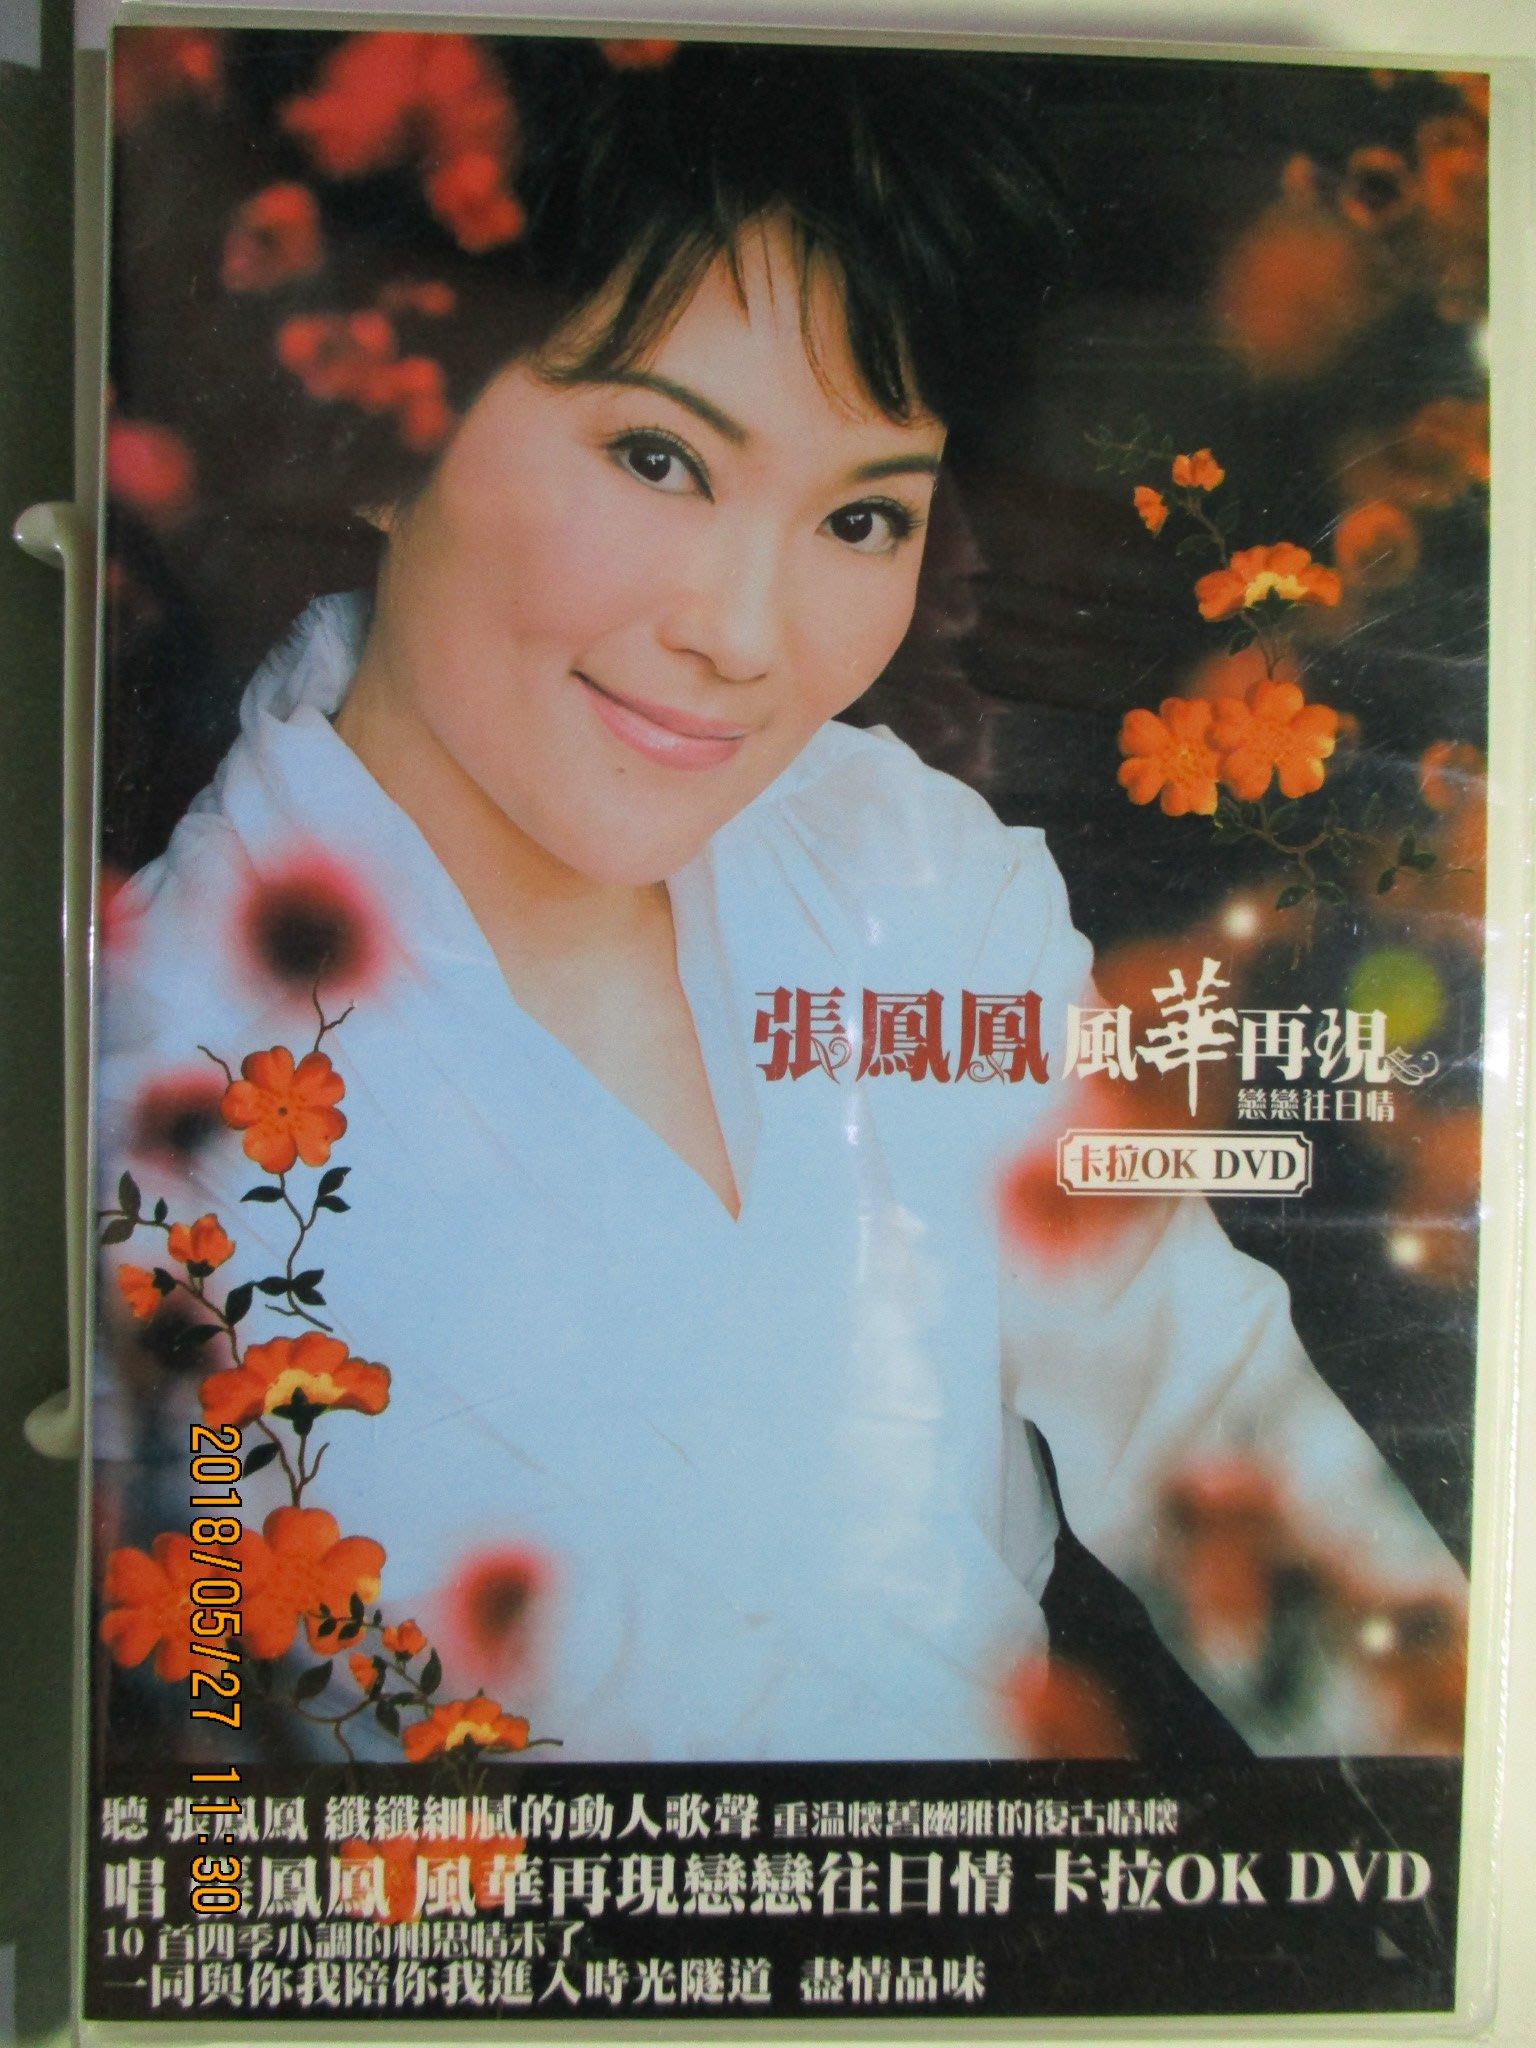 張鳳鳳-風華再現*卡拉OK DVD(你是春日風.採檳榔.西湖春.玫瑰玫瑰我愛你.雪山盟.大清早.孟姜女(全新未拆)